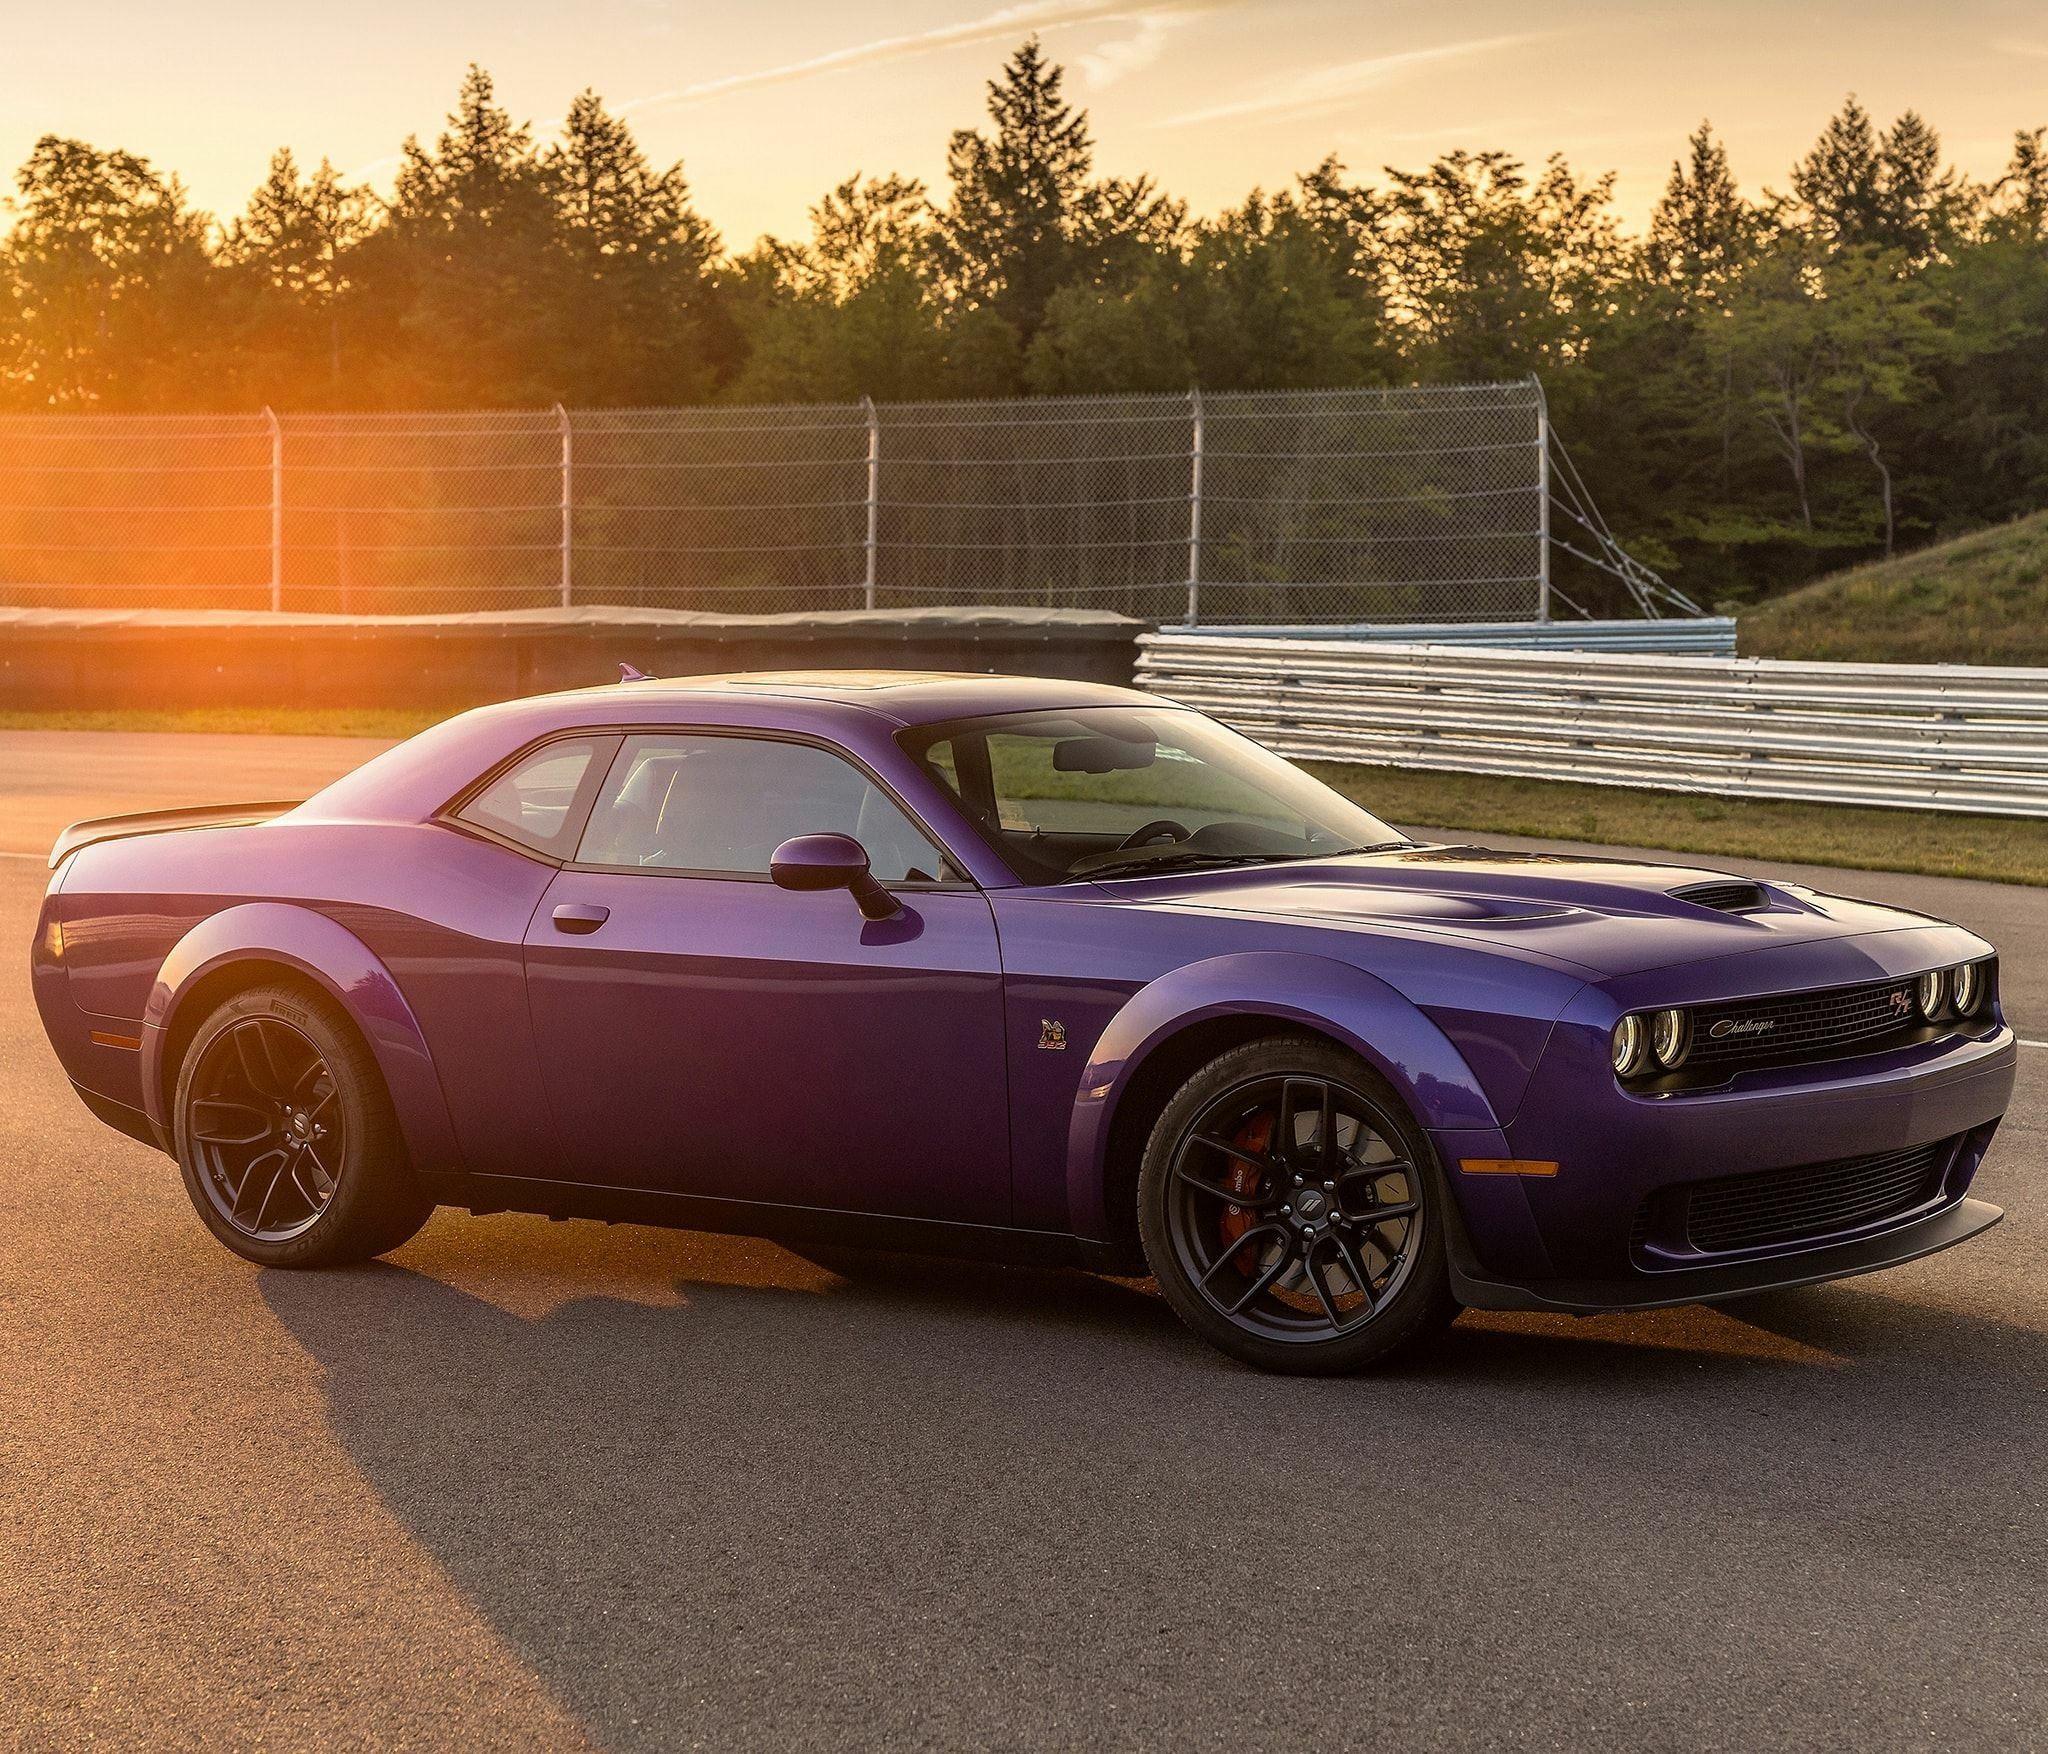 Dodge ScatPack Widebody Challenger